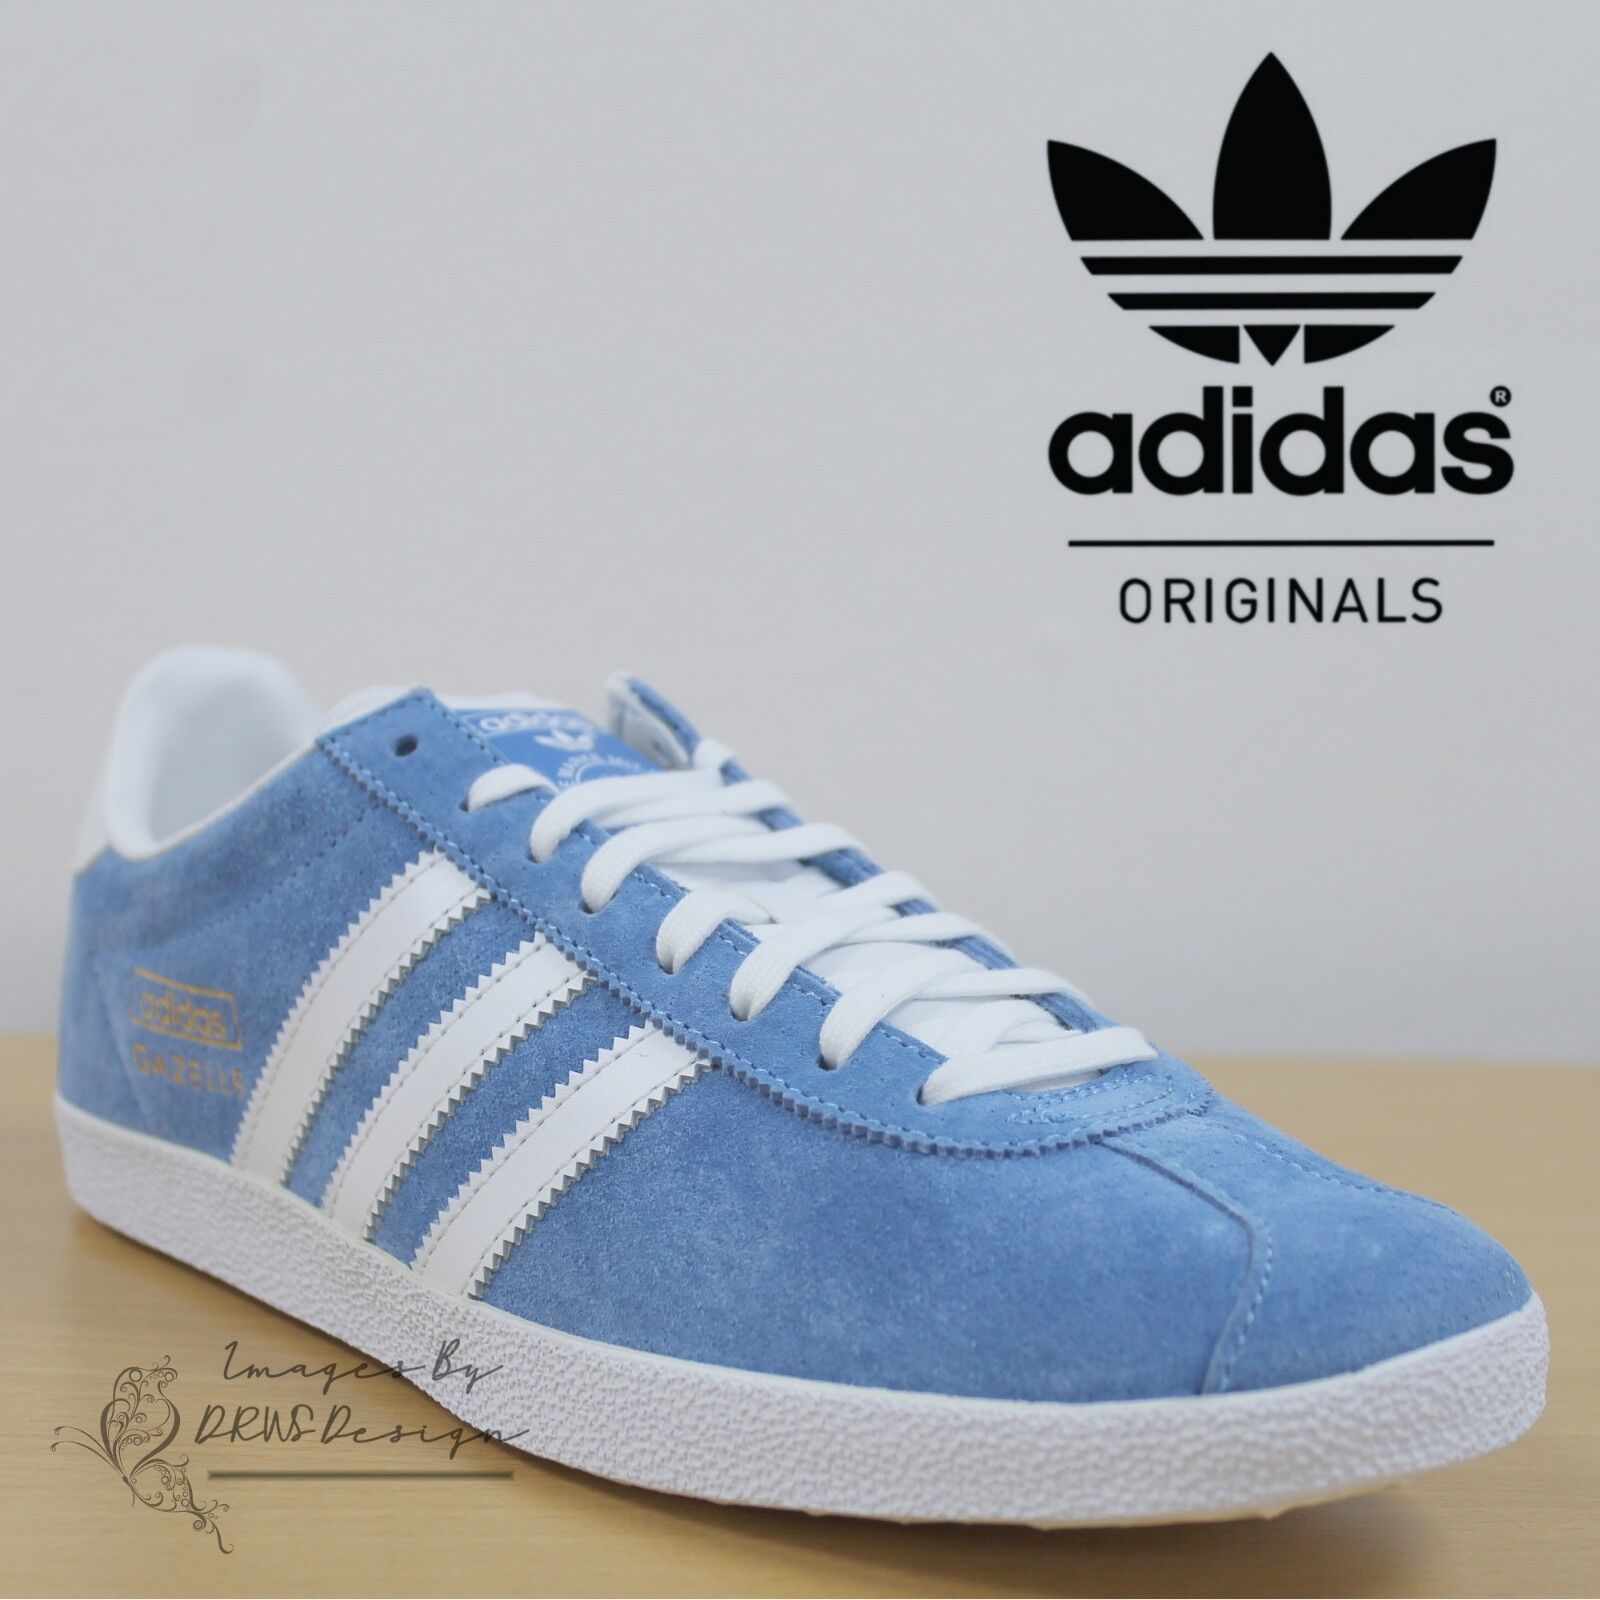 Adidas Originale Gazelle OG Classico Casual Retrò Scarpe Da Ginnastica Ginnastica Ginnastica Rosso Nero Blu TG UK 51e9da